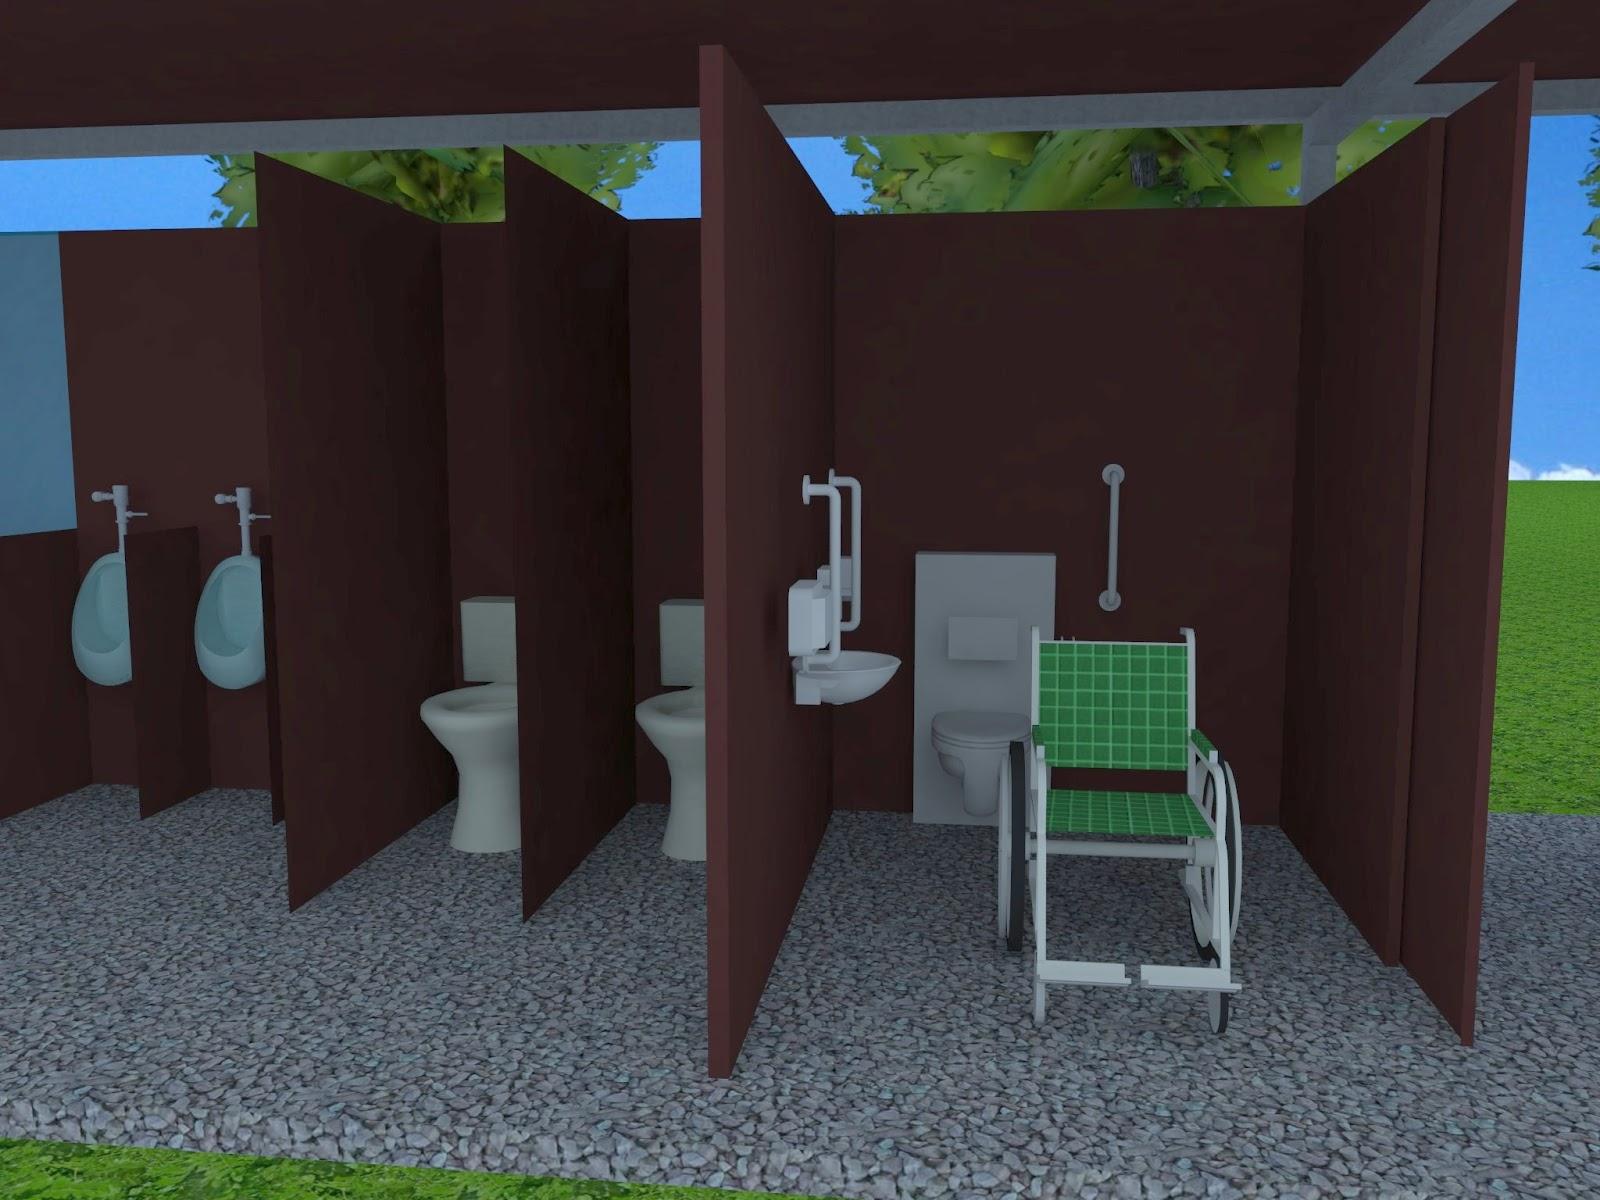 Federico j martin arquitectura proyecto prototipo de ba o publico - Puerta para discapacitados medidas ...